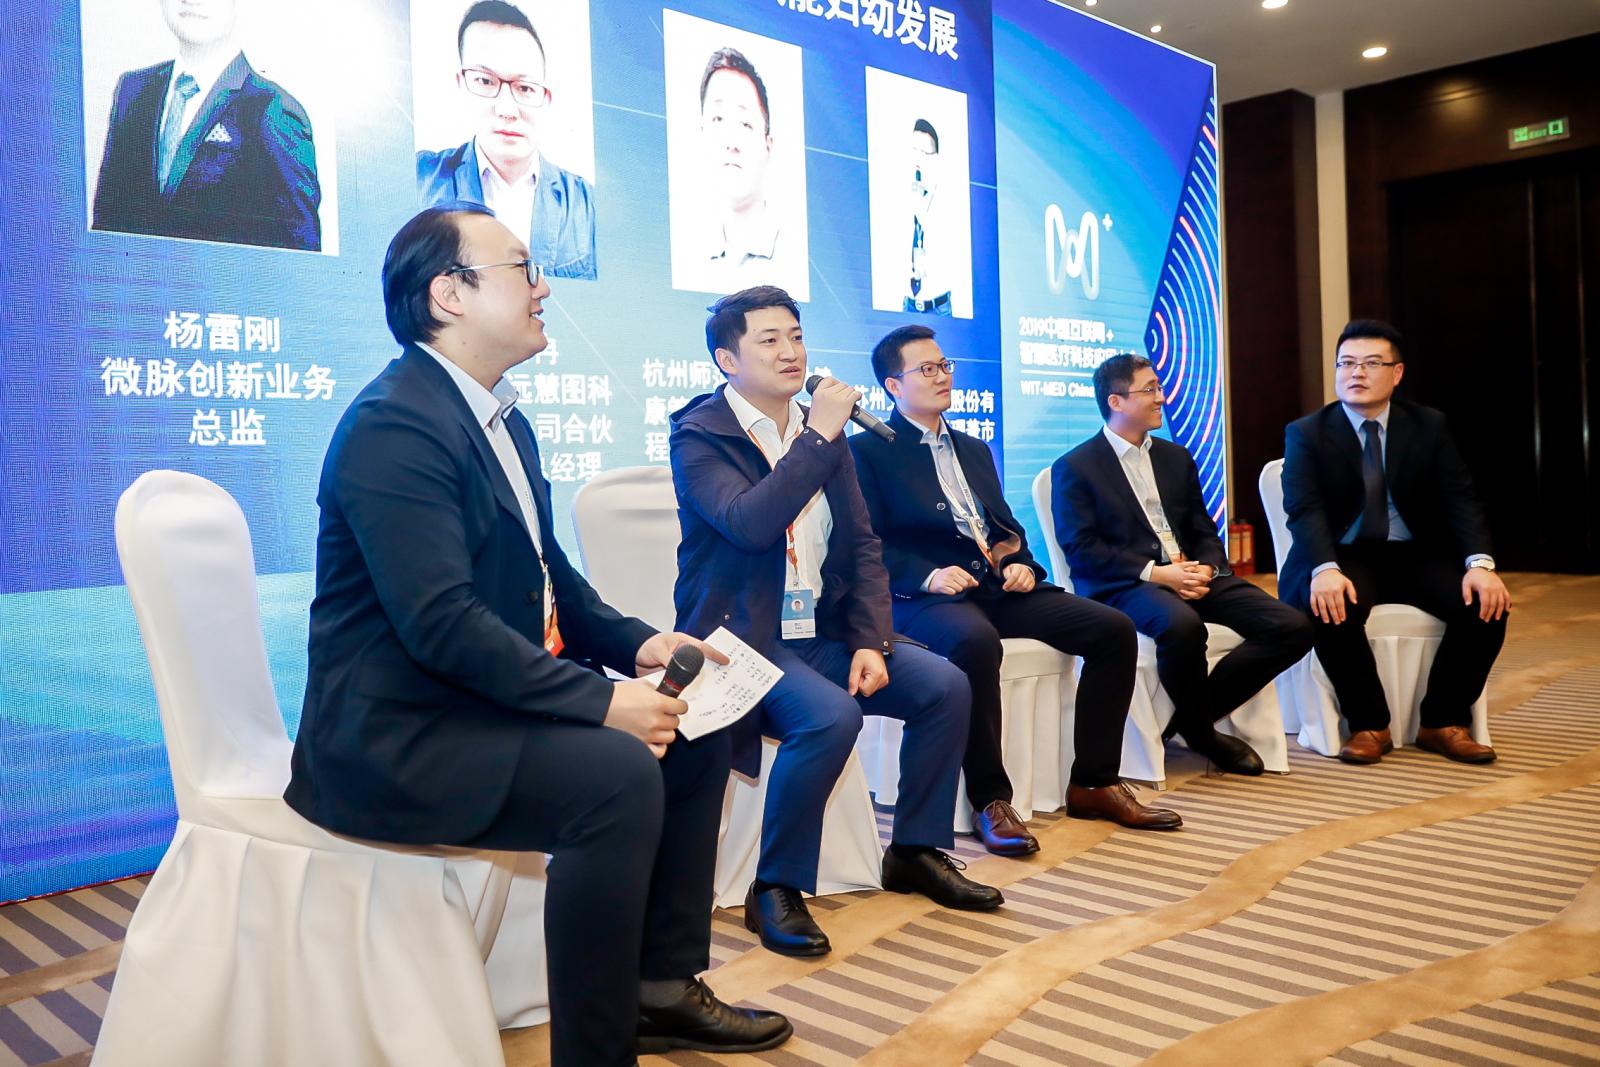 接连亮相!微脉「互联网+信任医疗」快车加速驶入中国西南